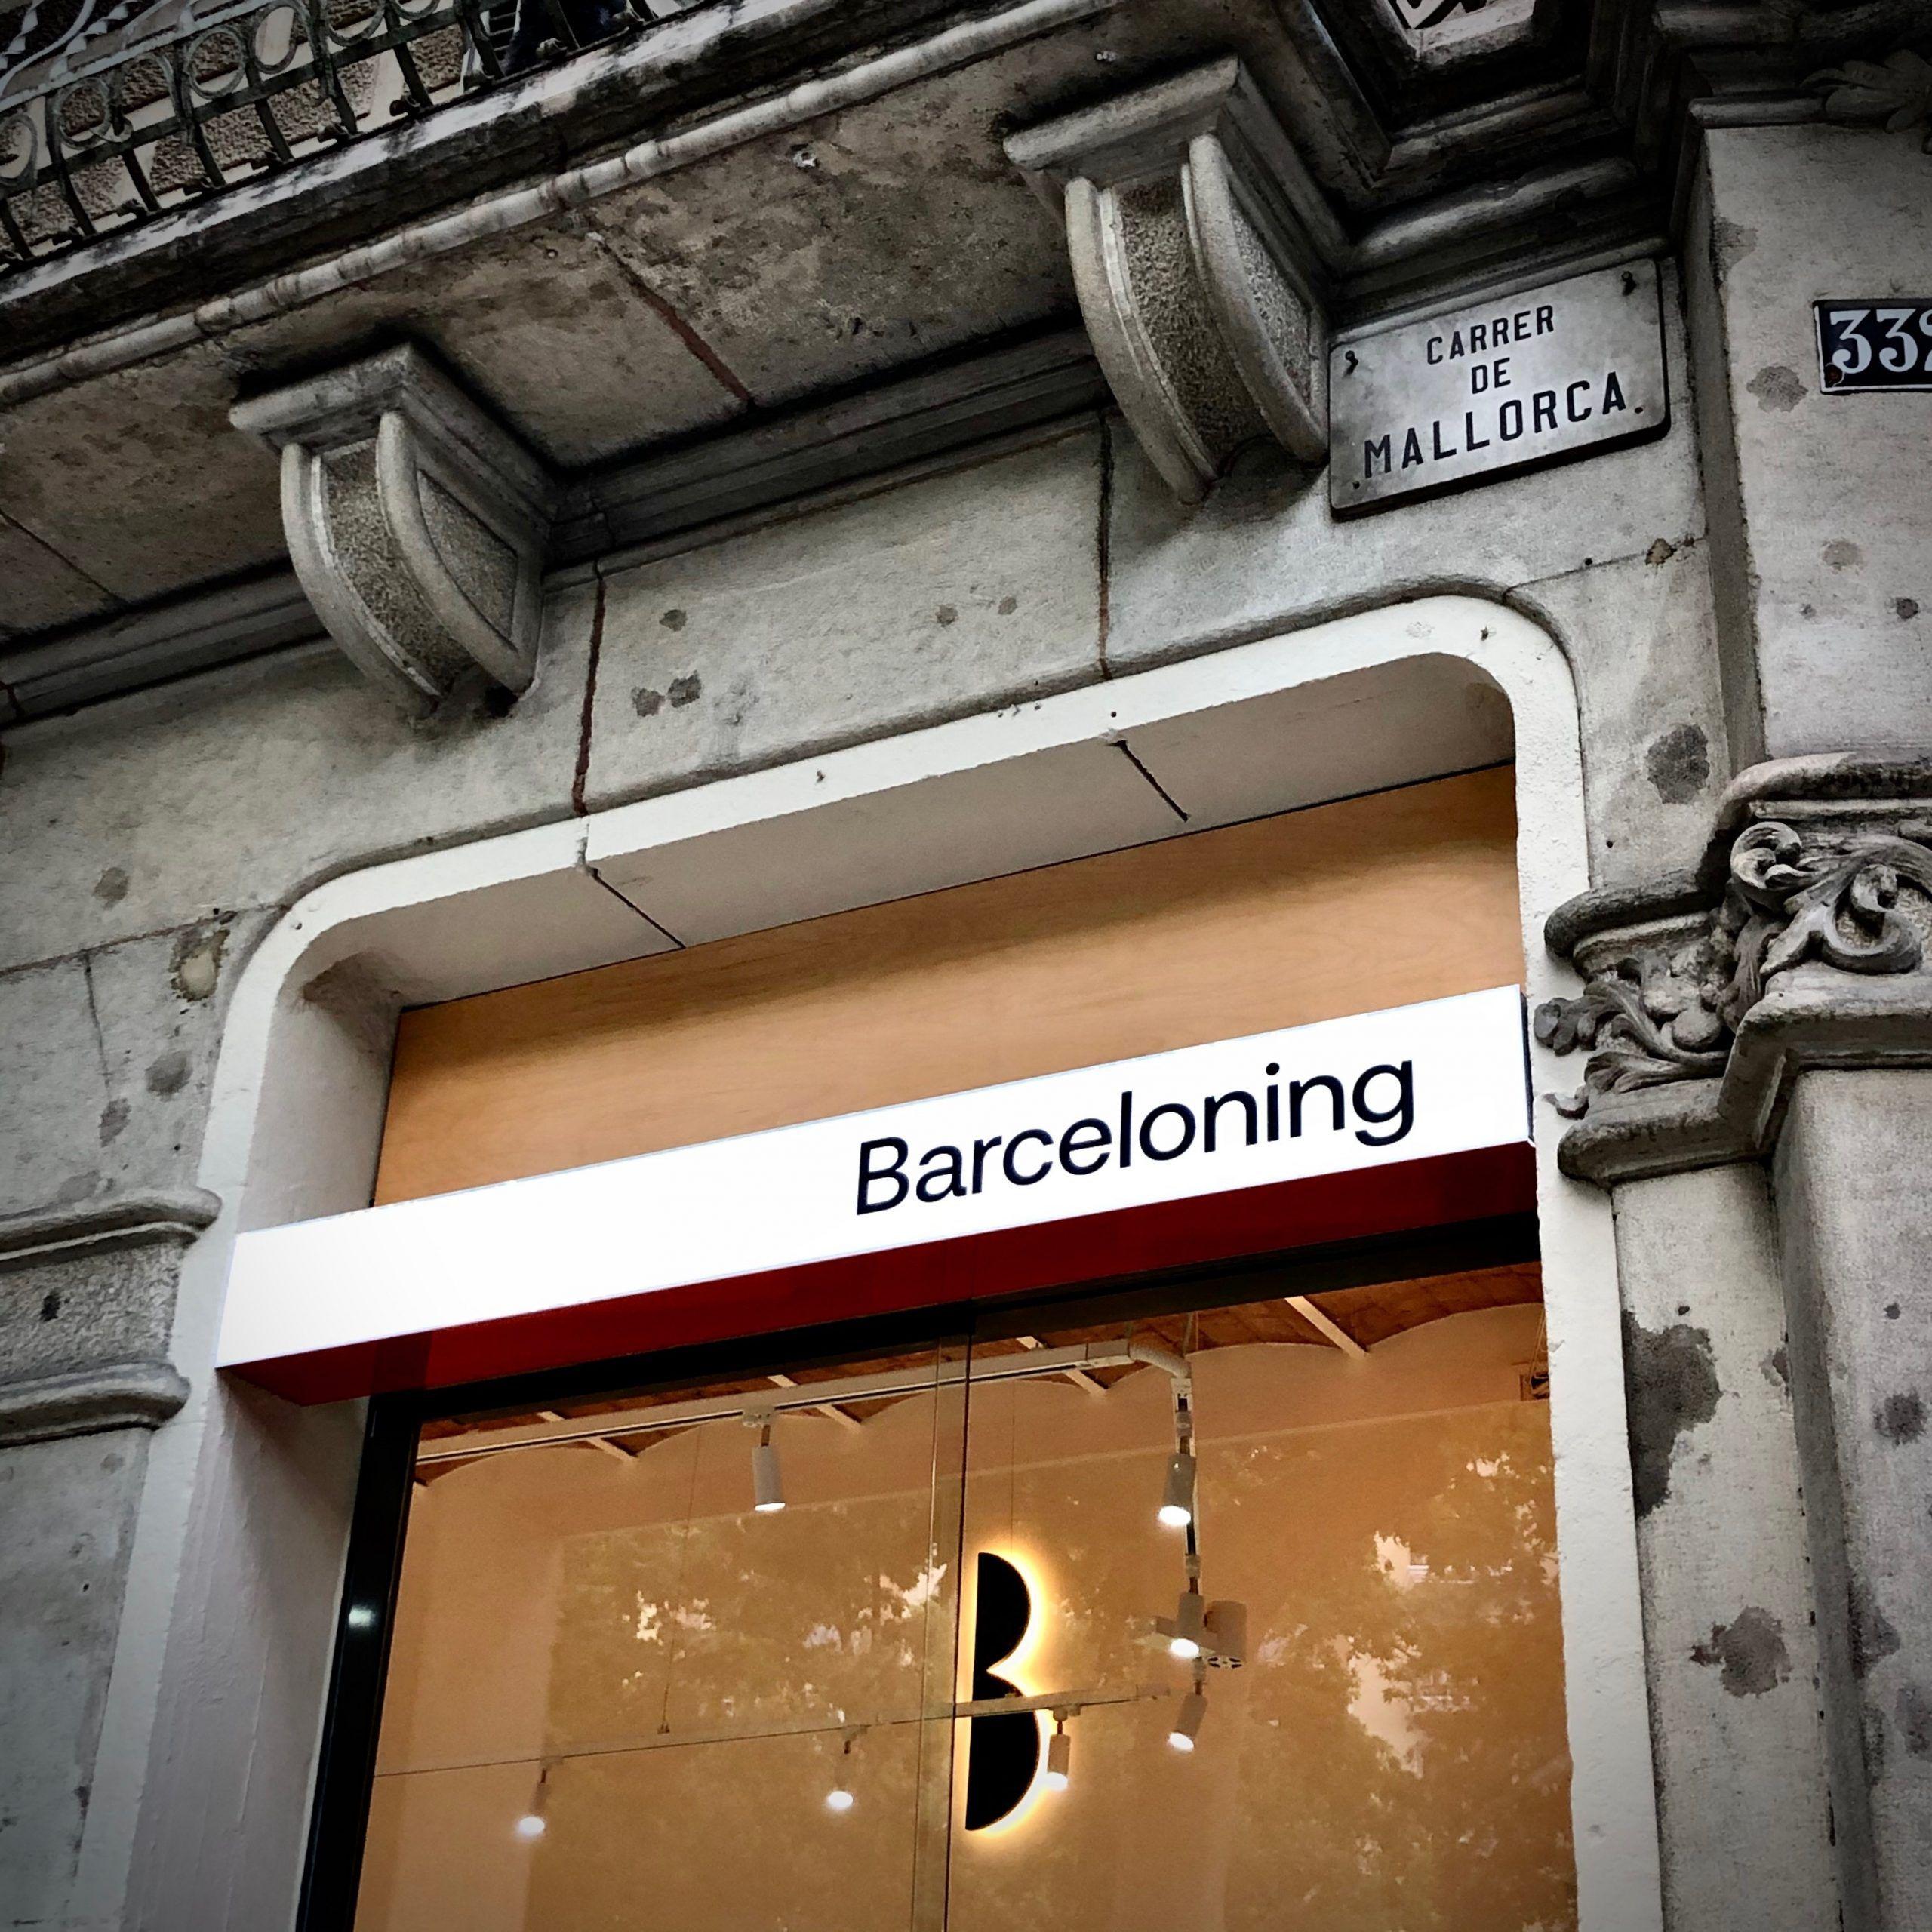 Contacto Mallorca, 332, 08037